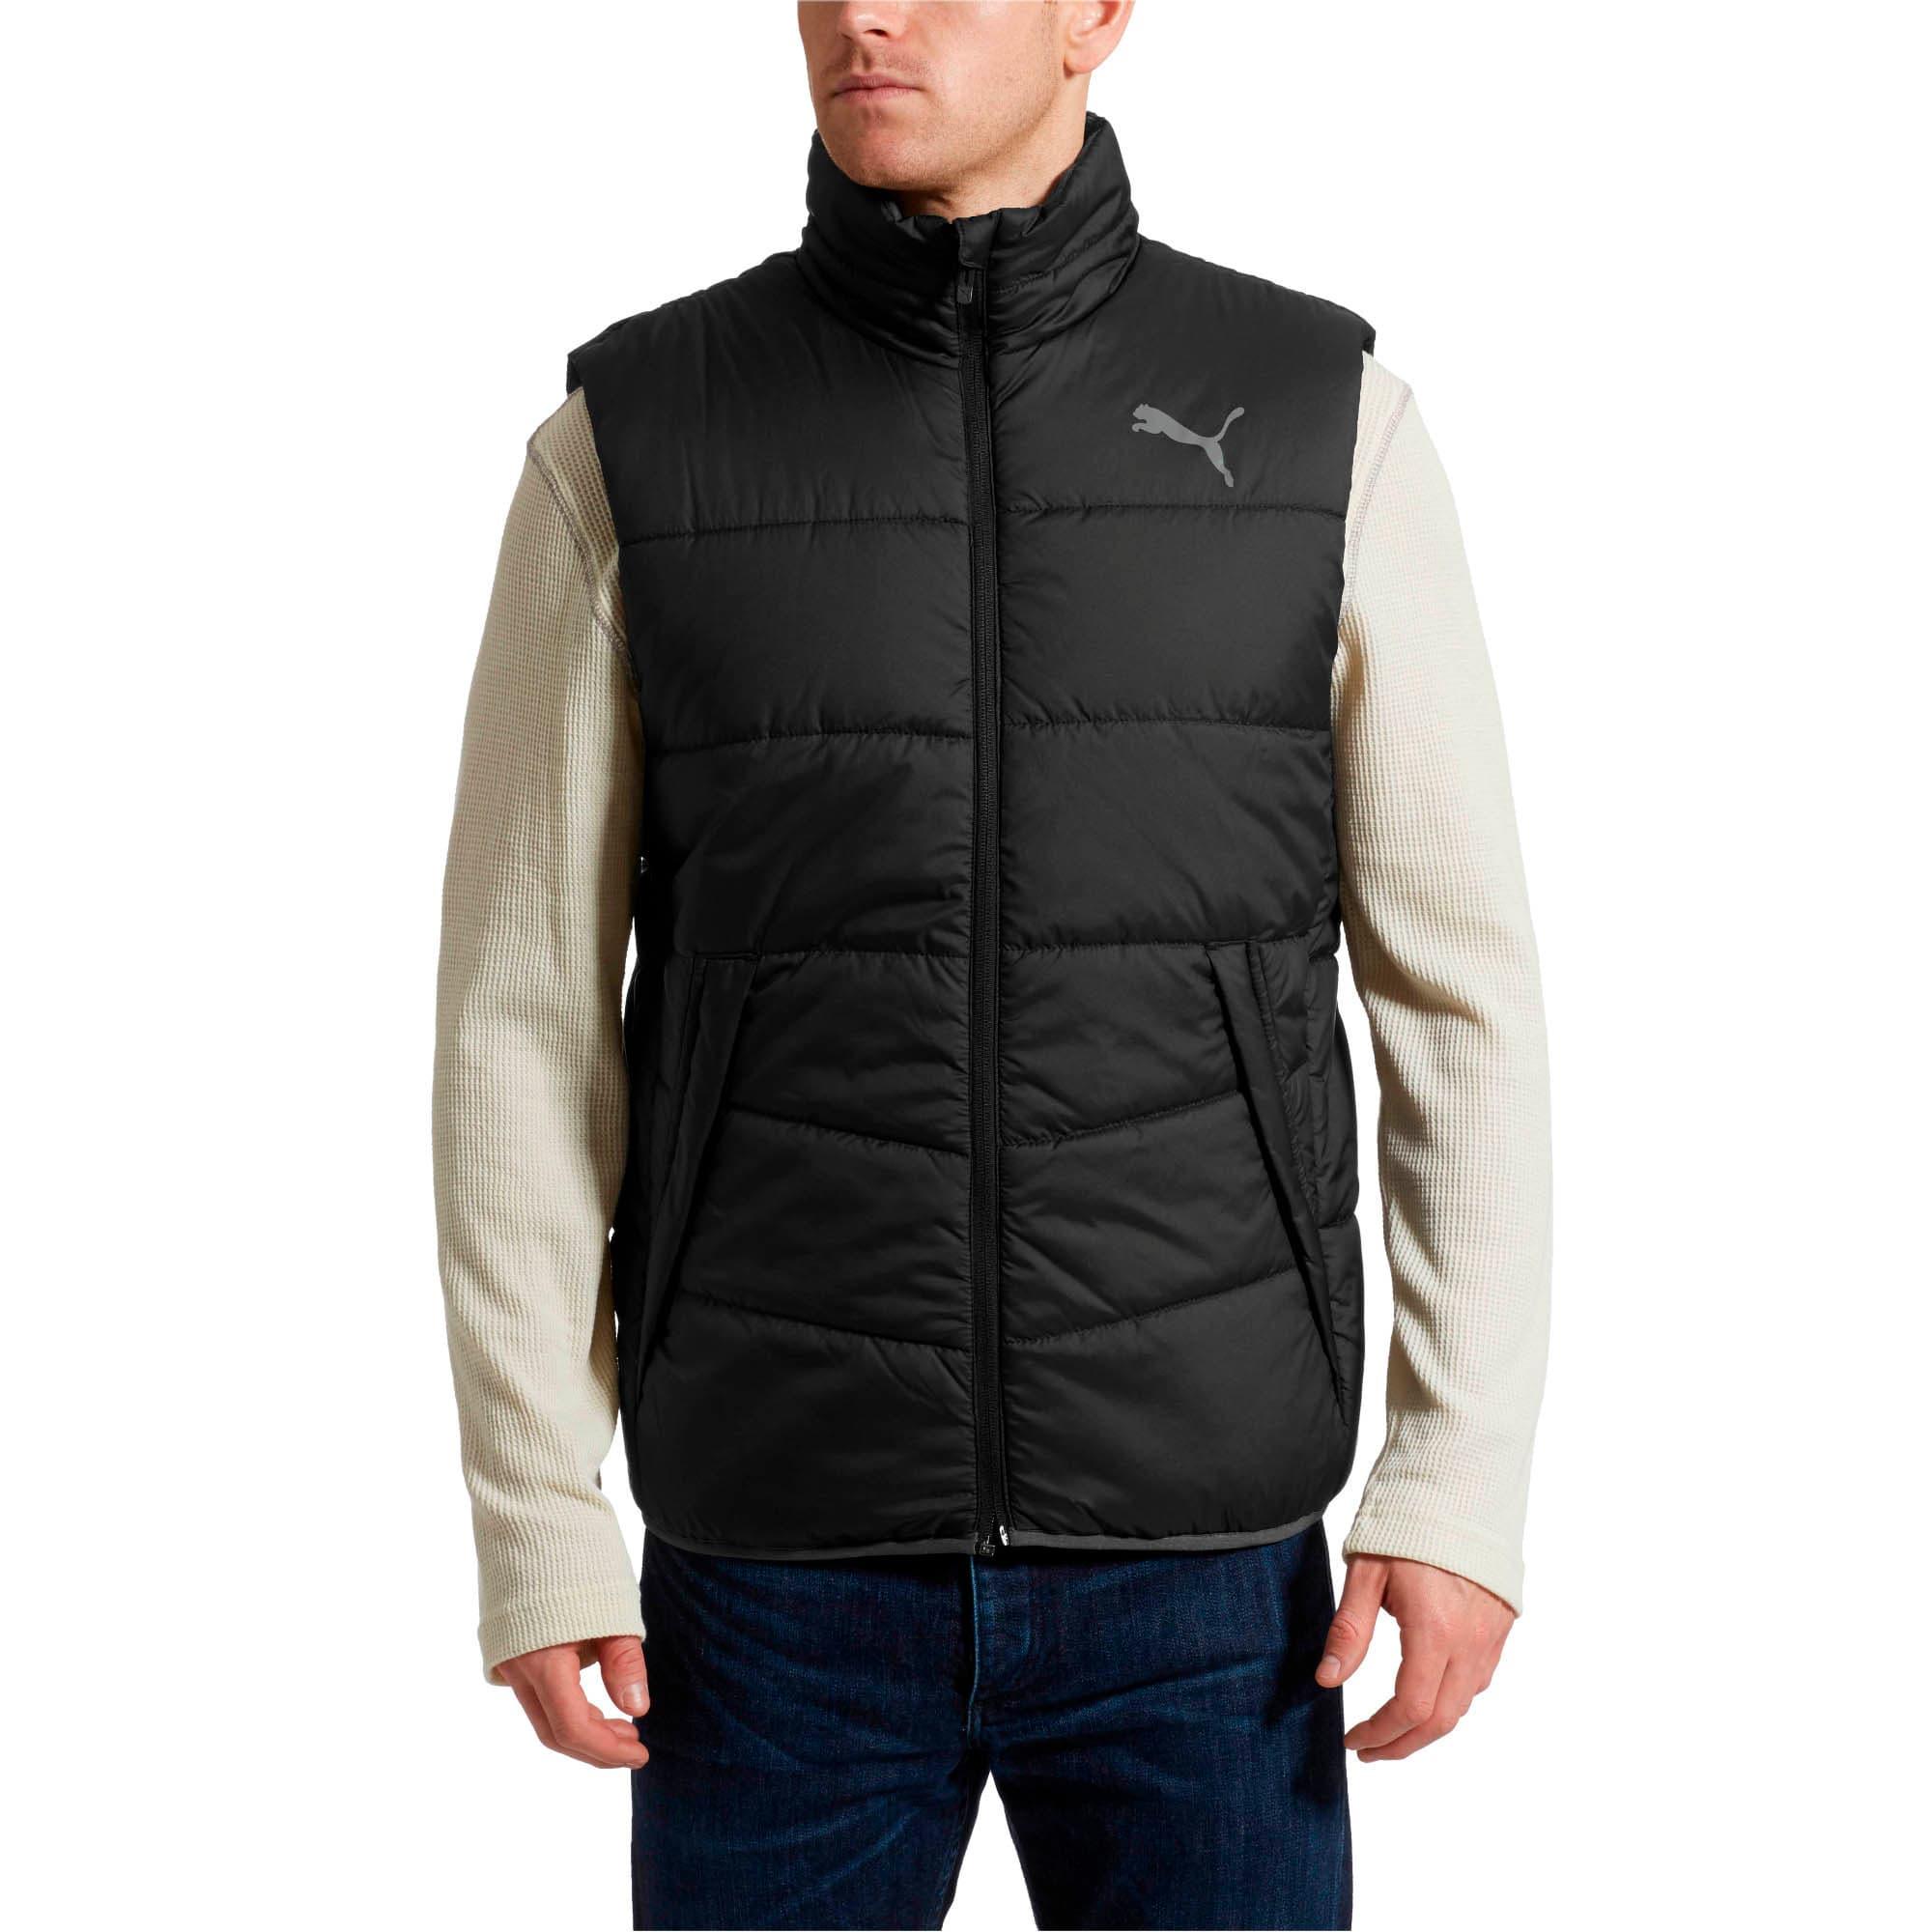 Thumbnail 2 of ESS Padded Vest, Puma Black, medium